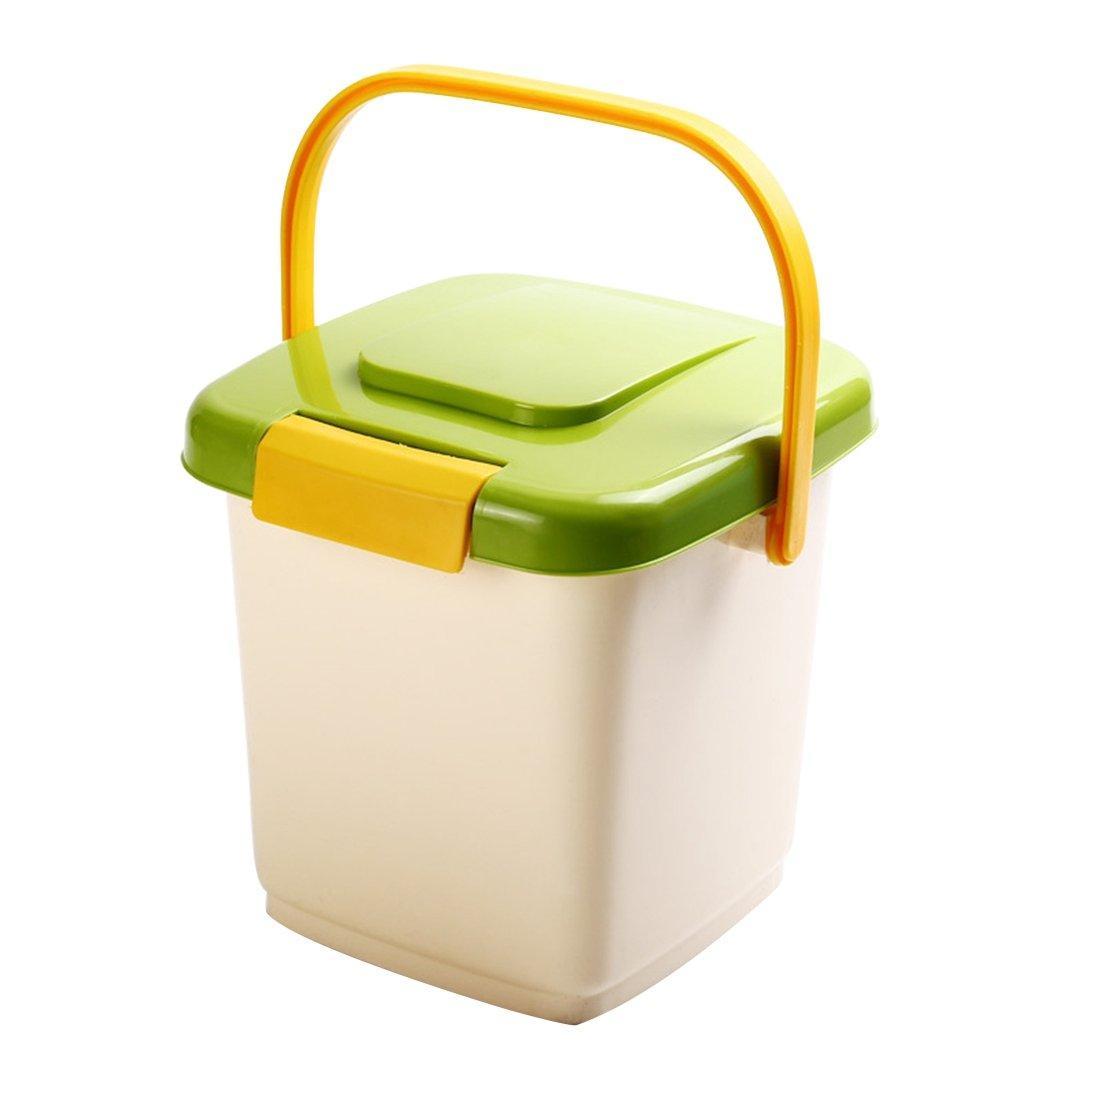 Zhaoke Aufbewahrungsbox für Tierfutter aus Kunststoff(PP), mit Tragegriff Deckel und Schaufel, für circa 10L Trockenfutter